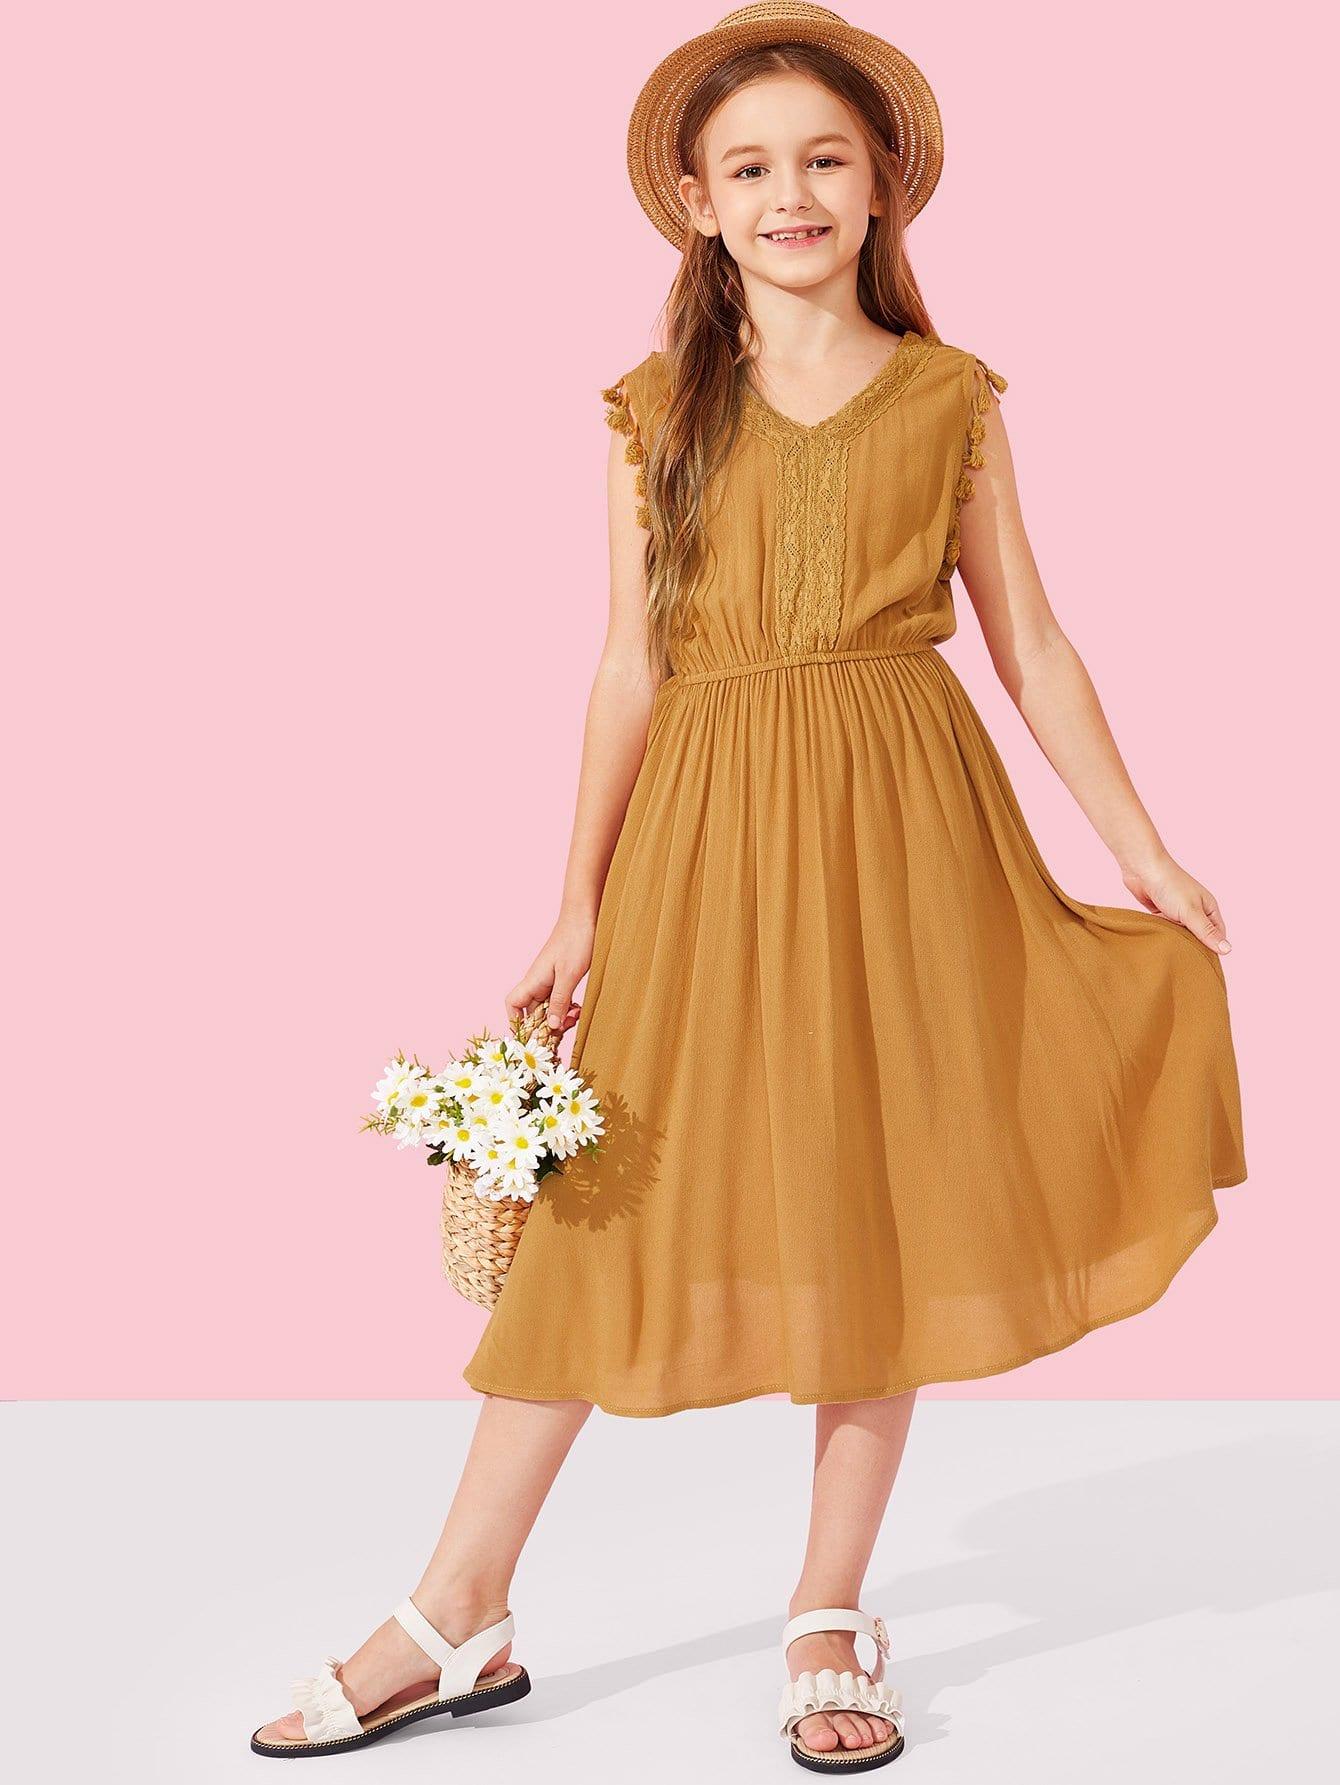 Купить Платье с оторочками бахром и с кружевами для девочки, Sasa, SheIn